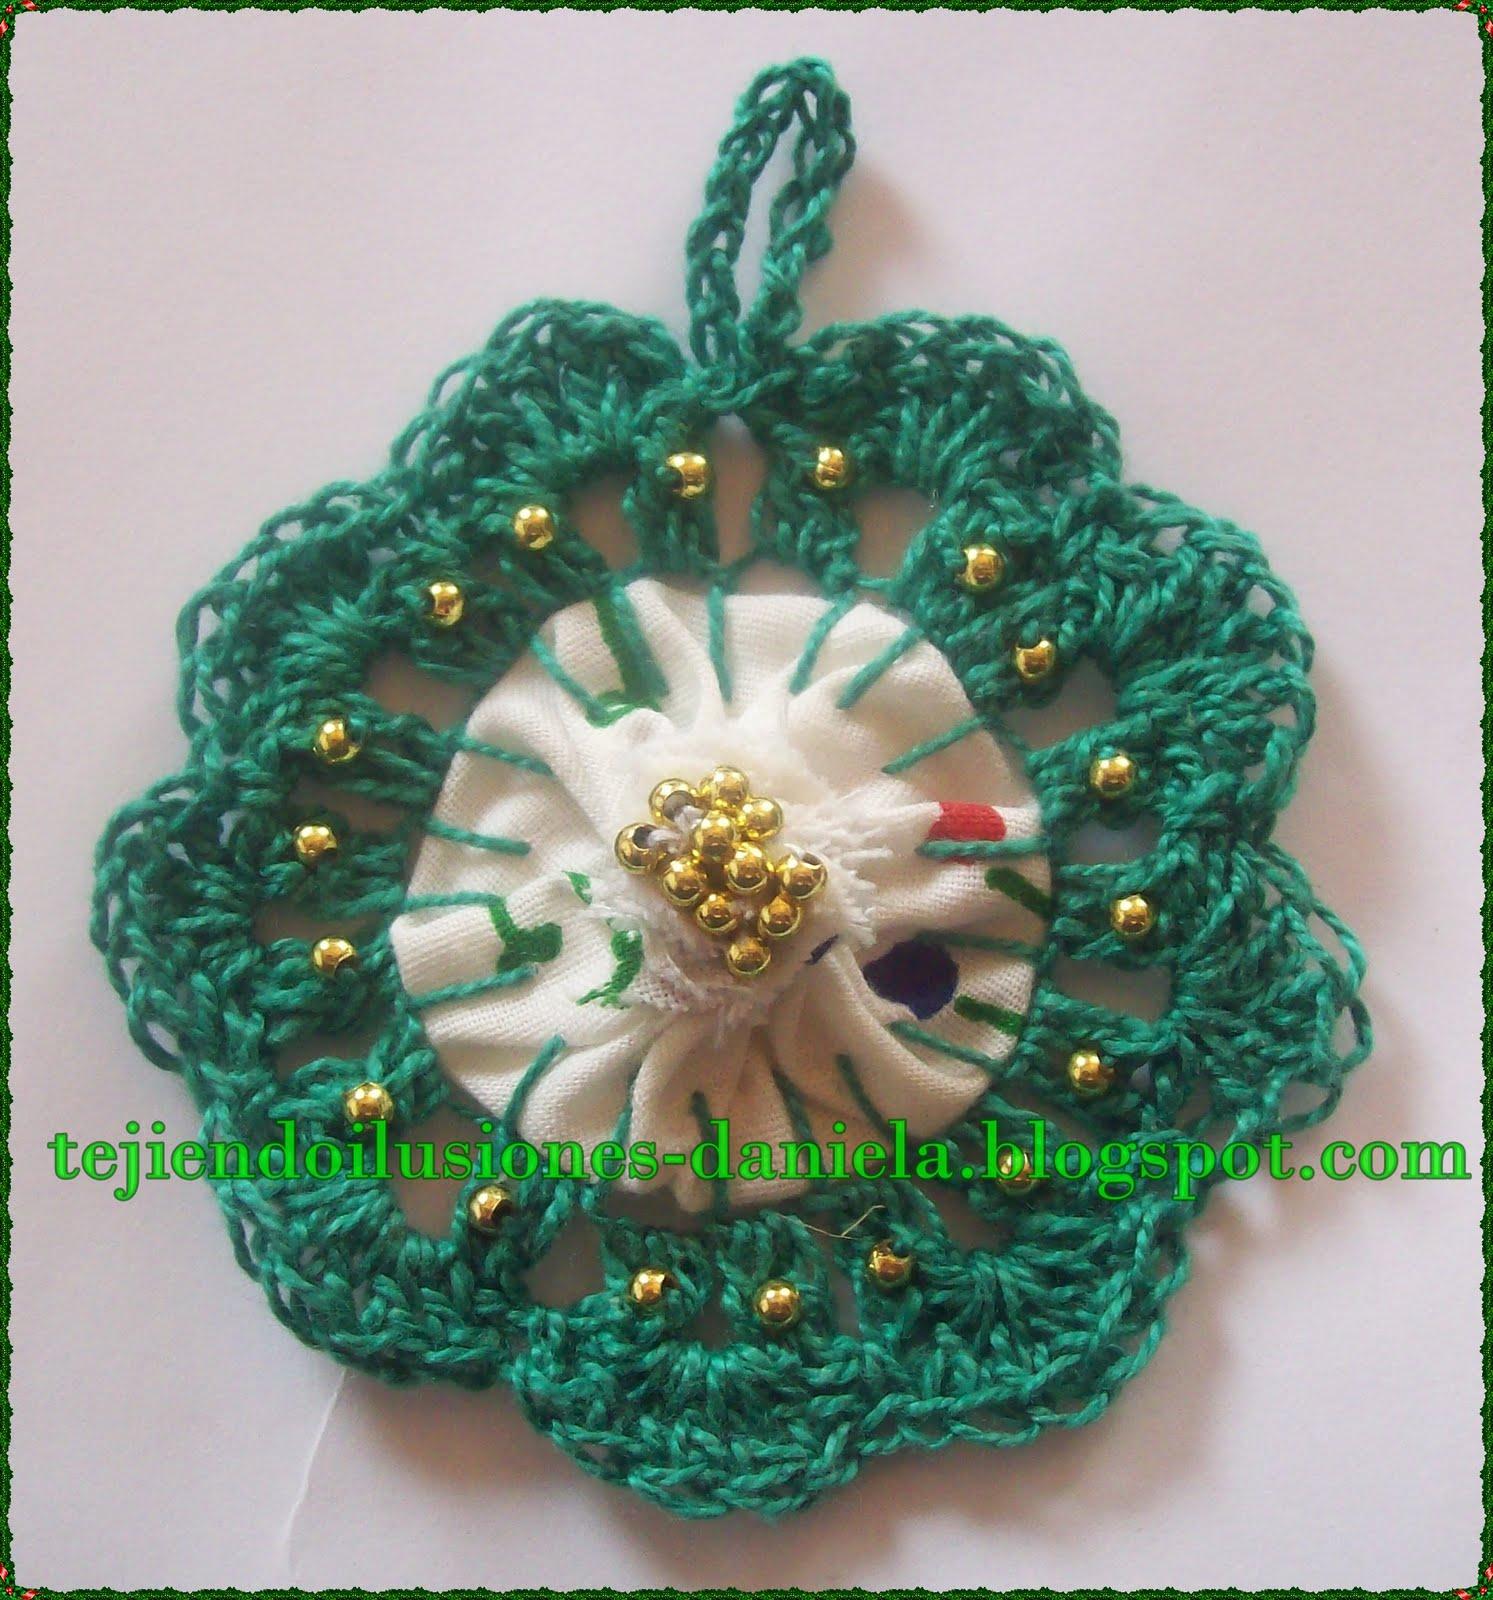 Tejido crochet y artesan as adornos navide os for Adornos navidenos tejidos a crochet 2016